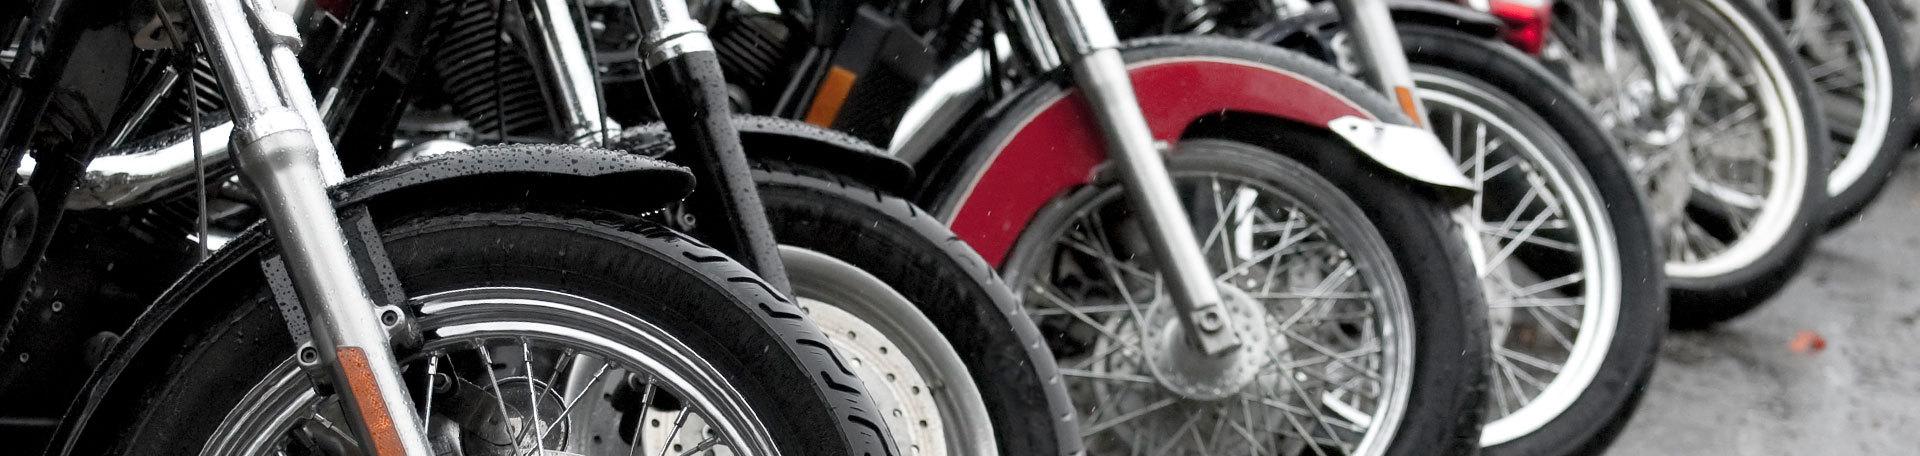 Bike Specials